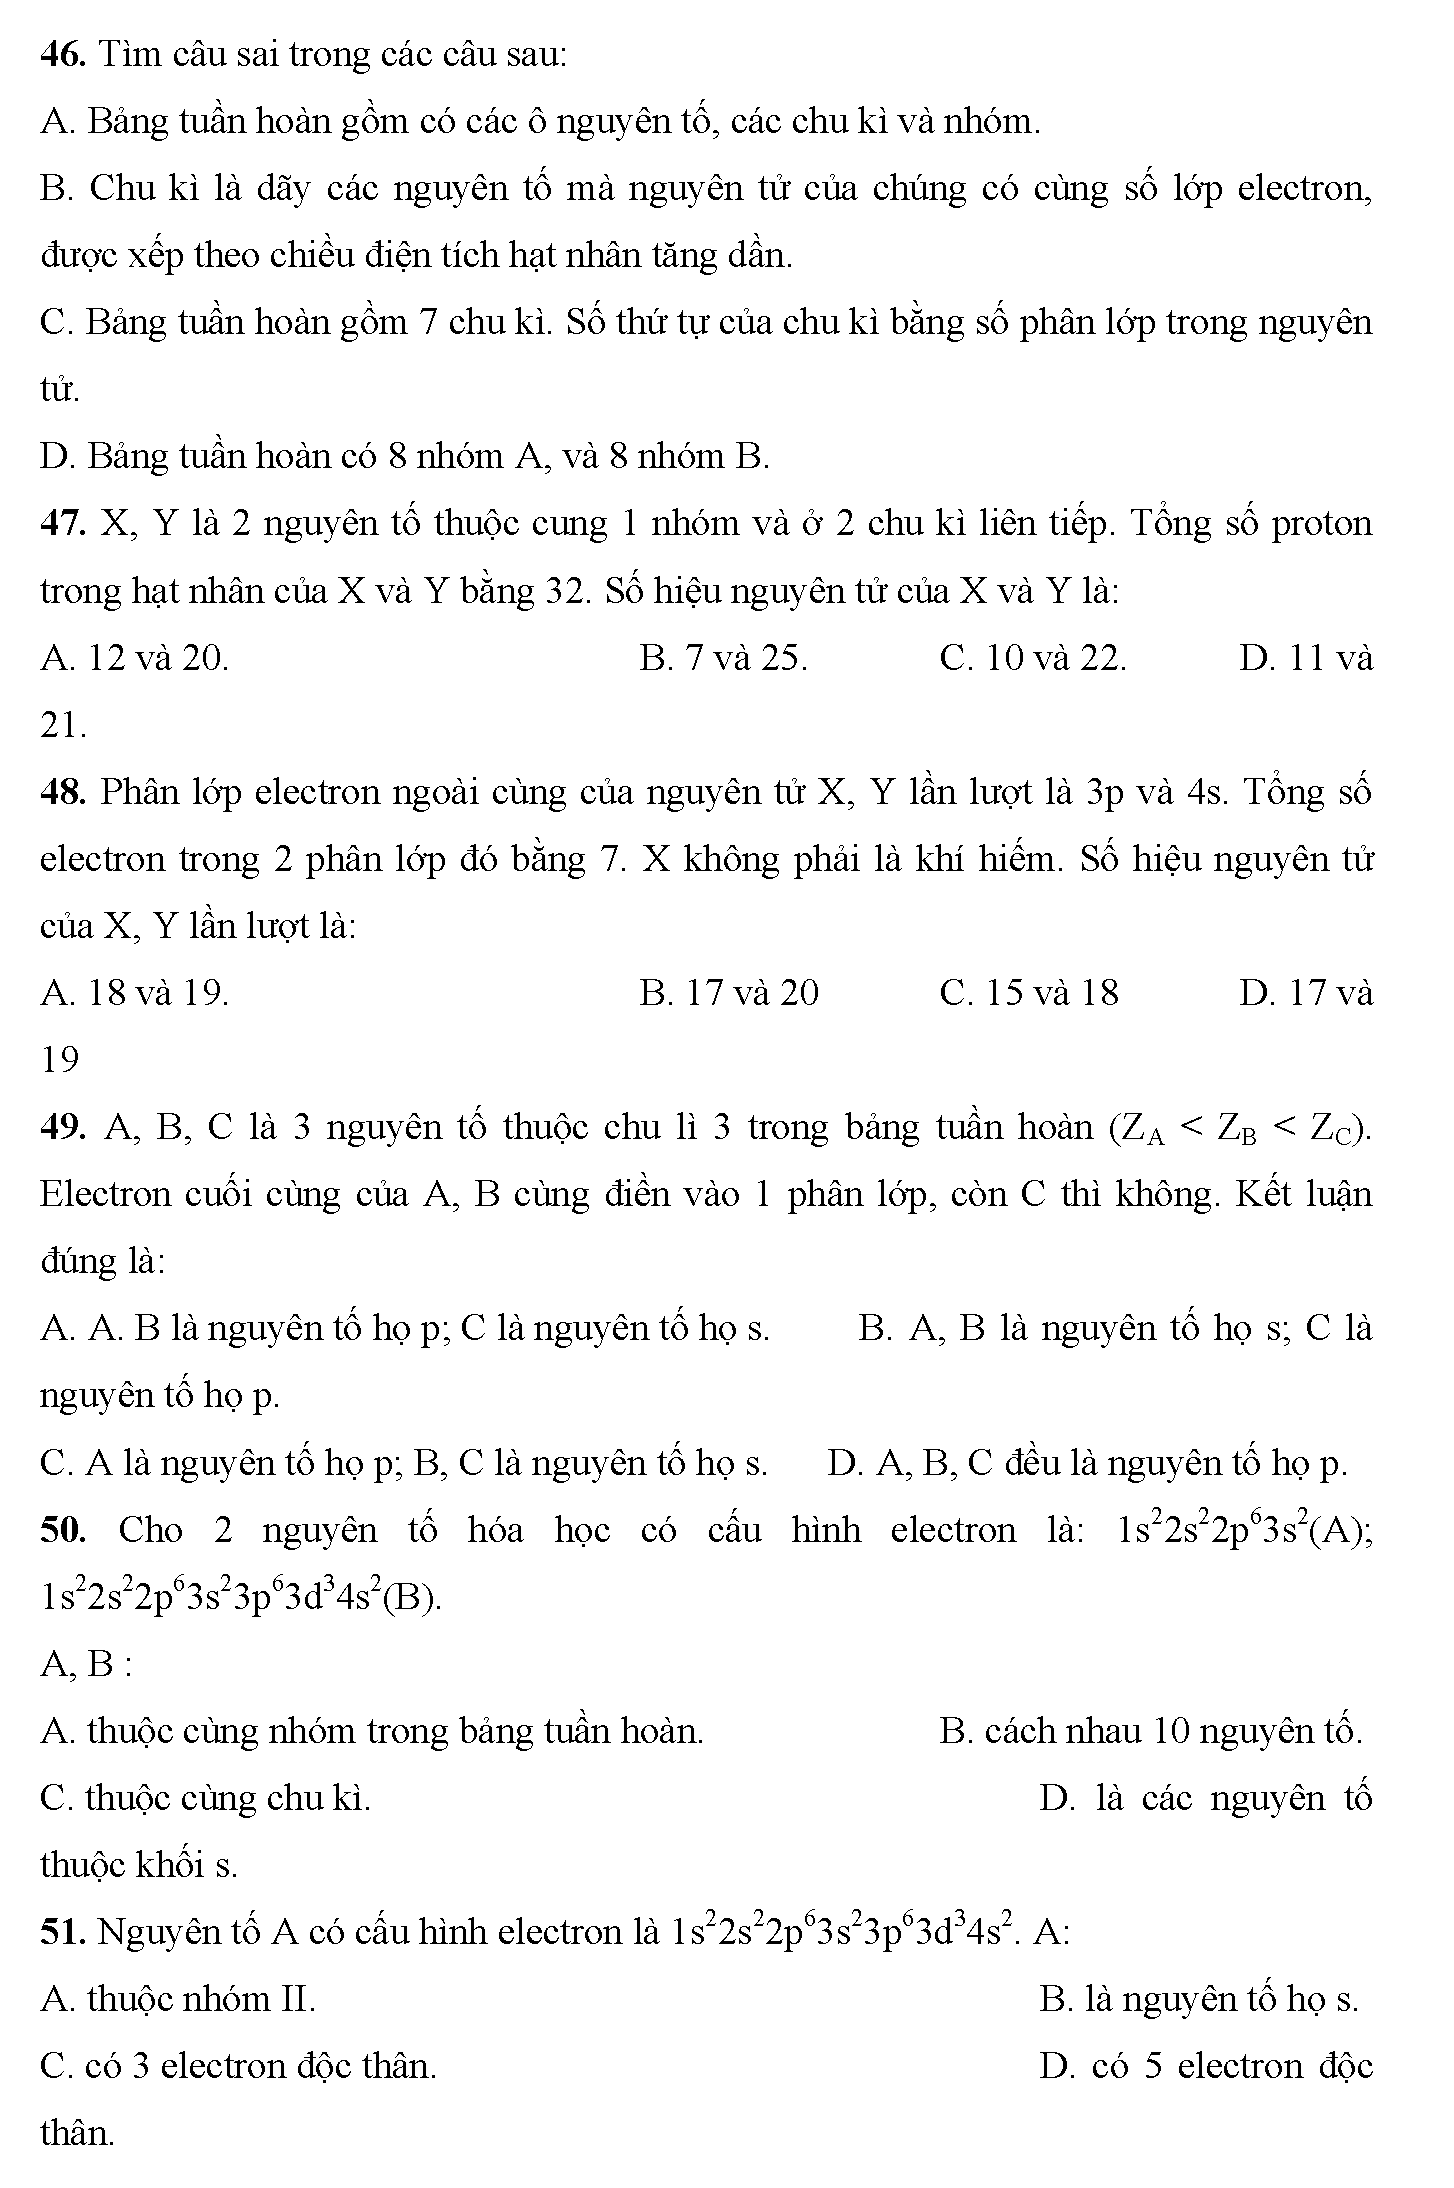 trắc nghiệm hóa 10 chương 6